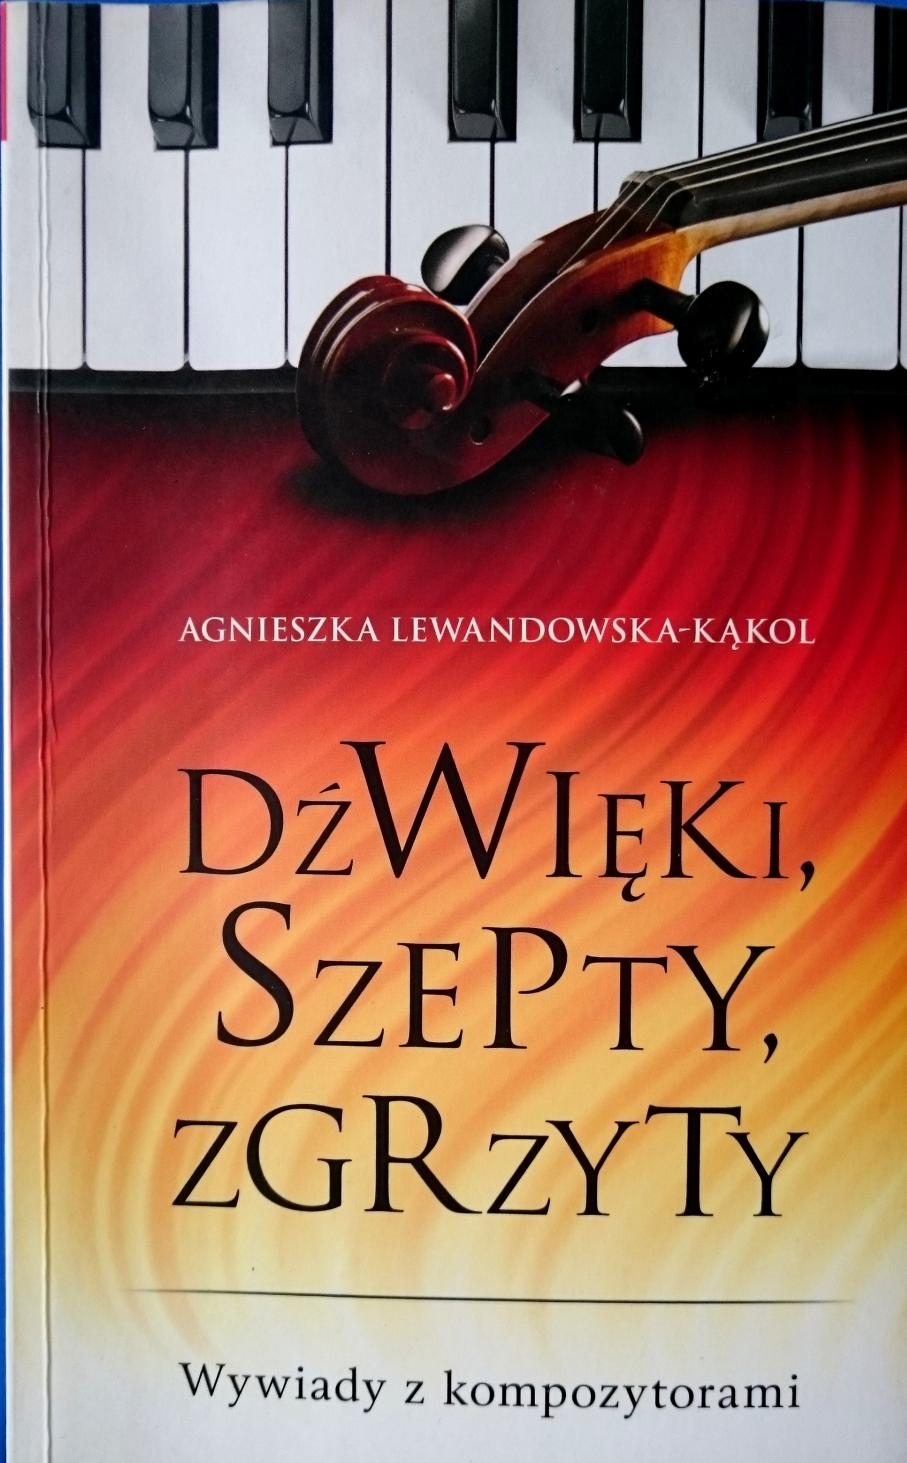 Dźwięki, szepty, zgrzyty. Wywiady z kompozytorami. Agnieszka Lewandowska-Kąkol, Wydawnictwo Fronda, Warszawa 2013